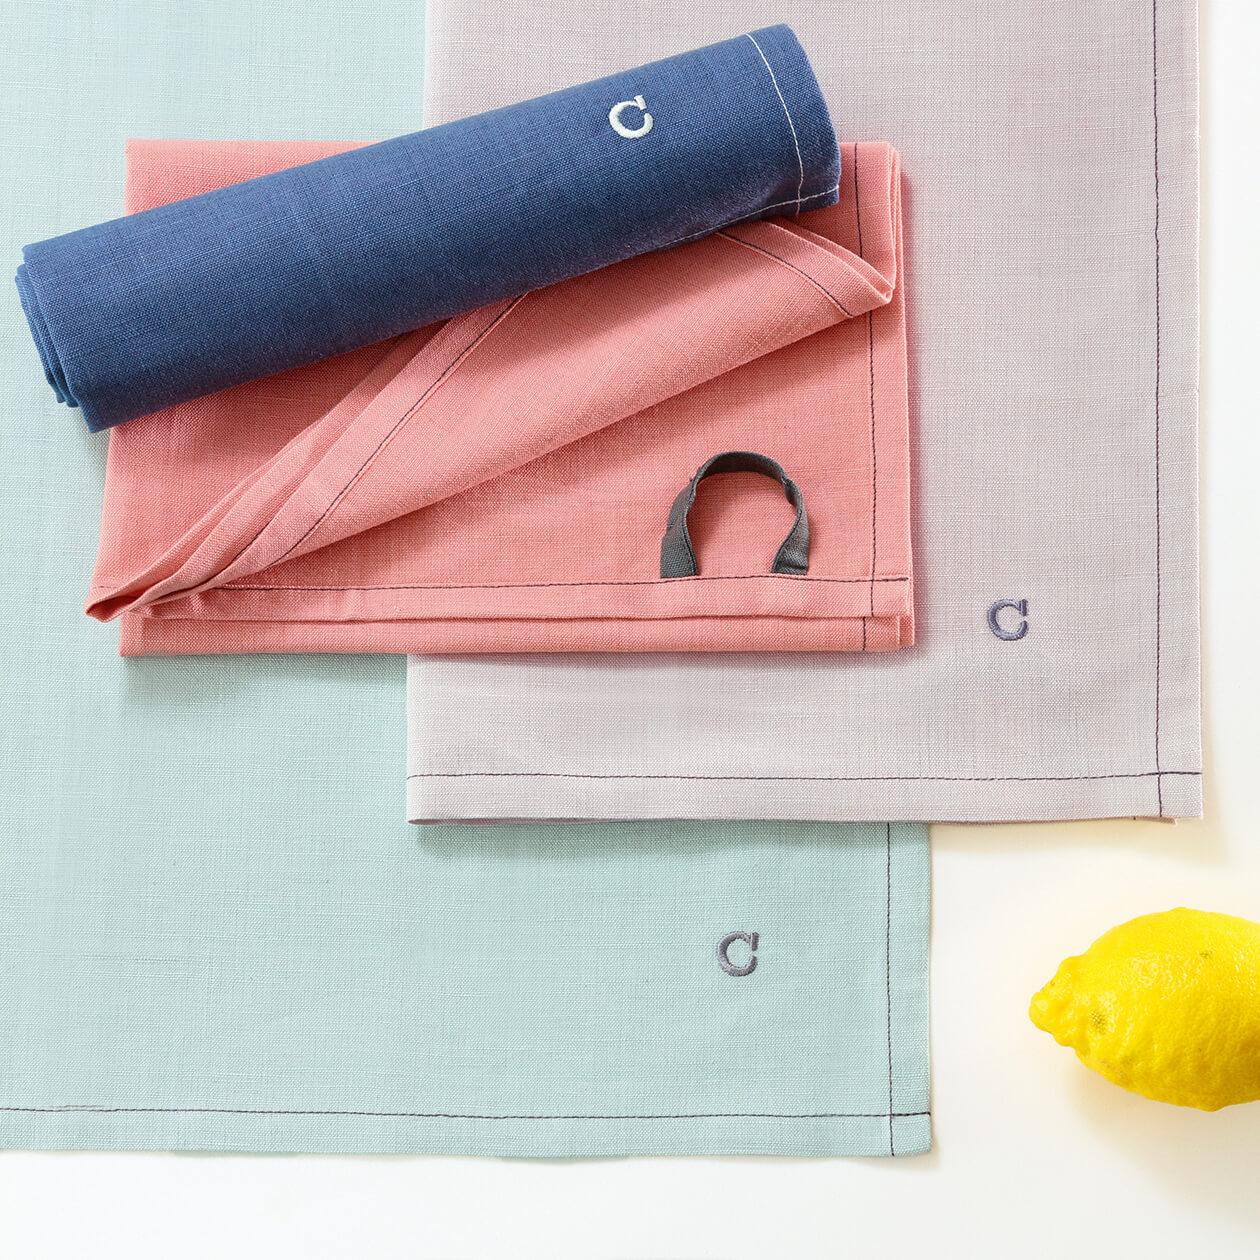 Cawö Home Solid 500 - Geschirrtuch 50x70 cm - Farbe: weiß - 600 Detailbild 3